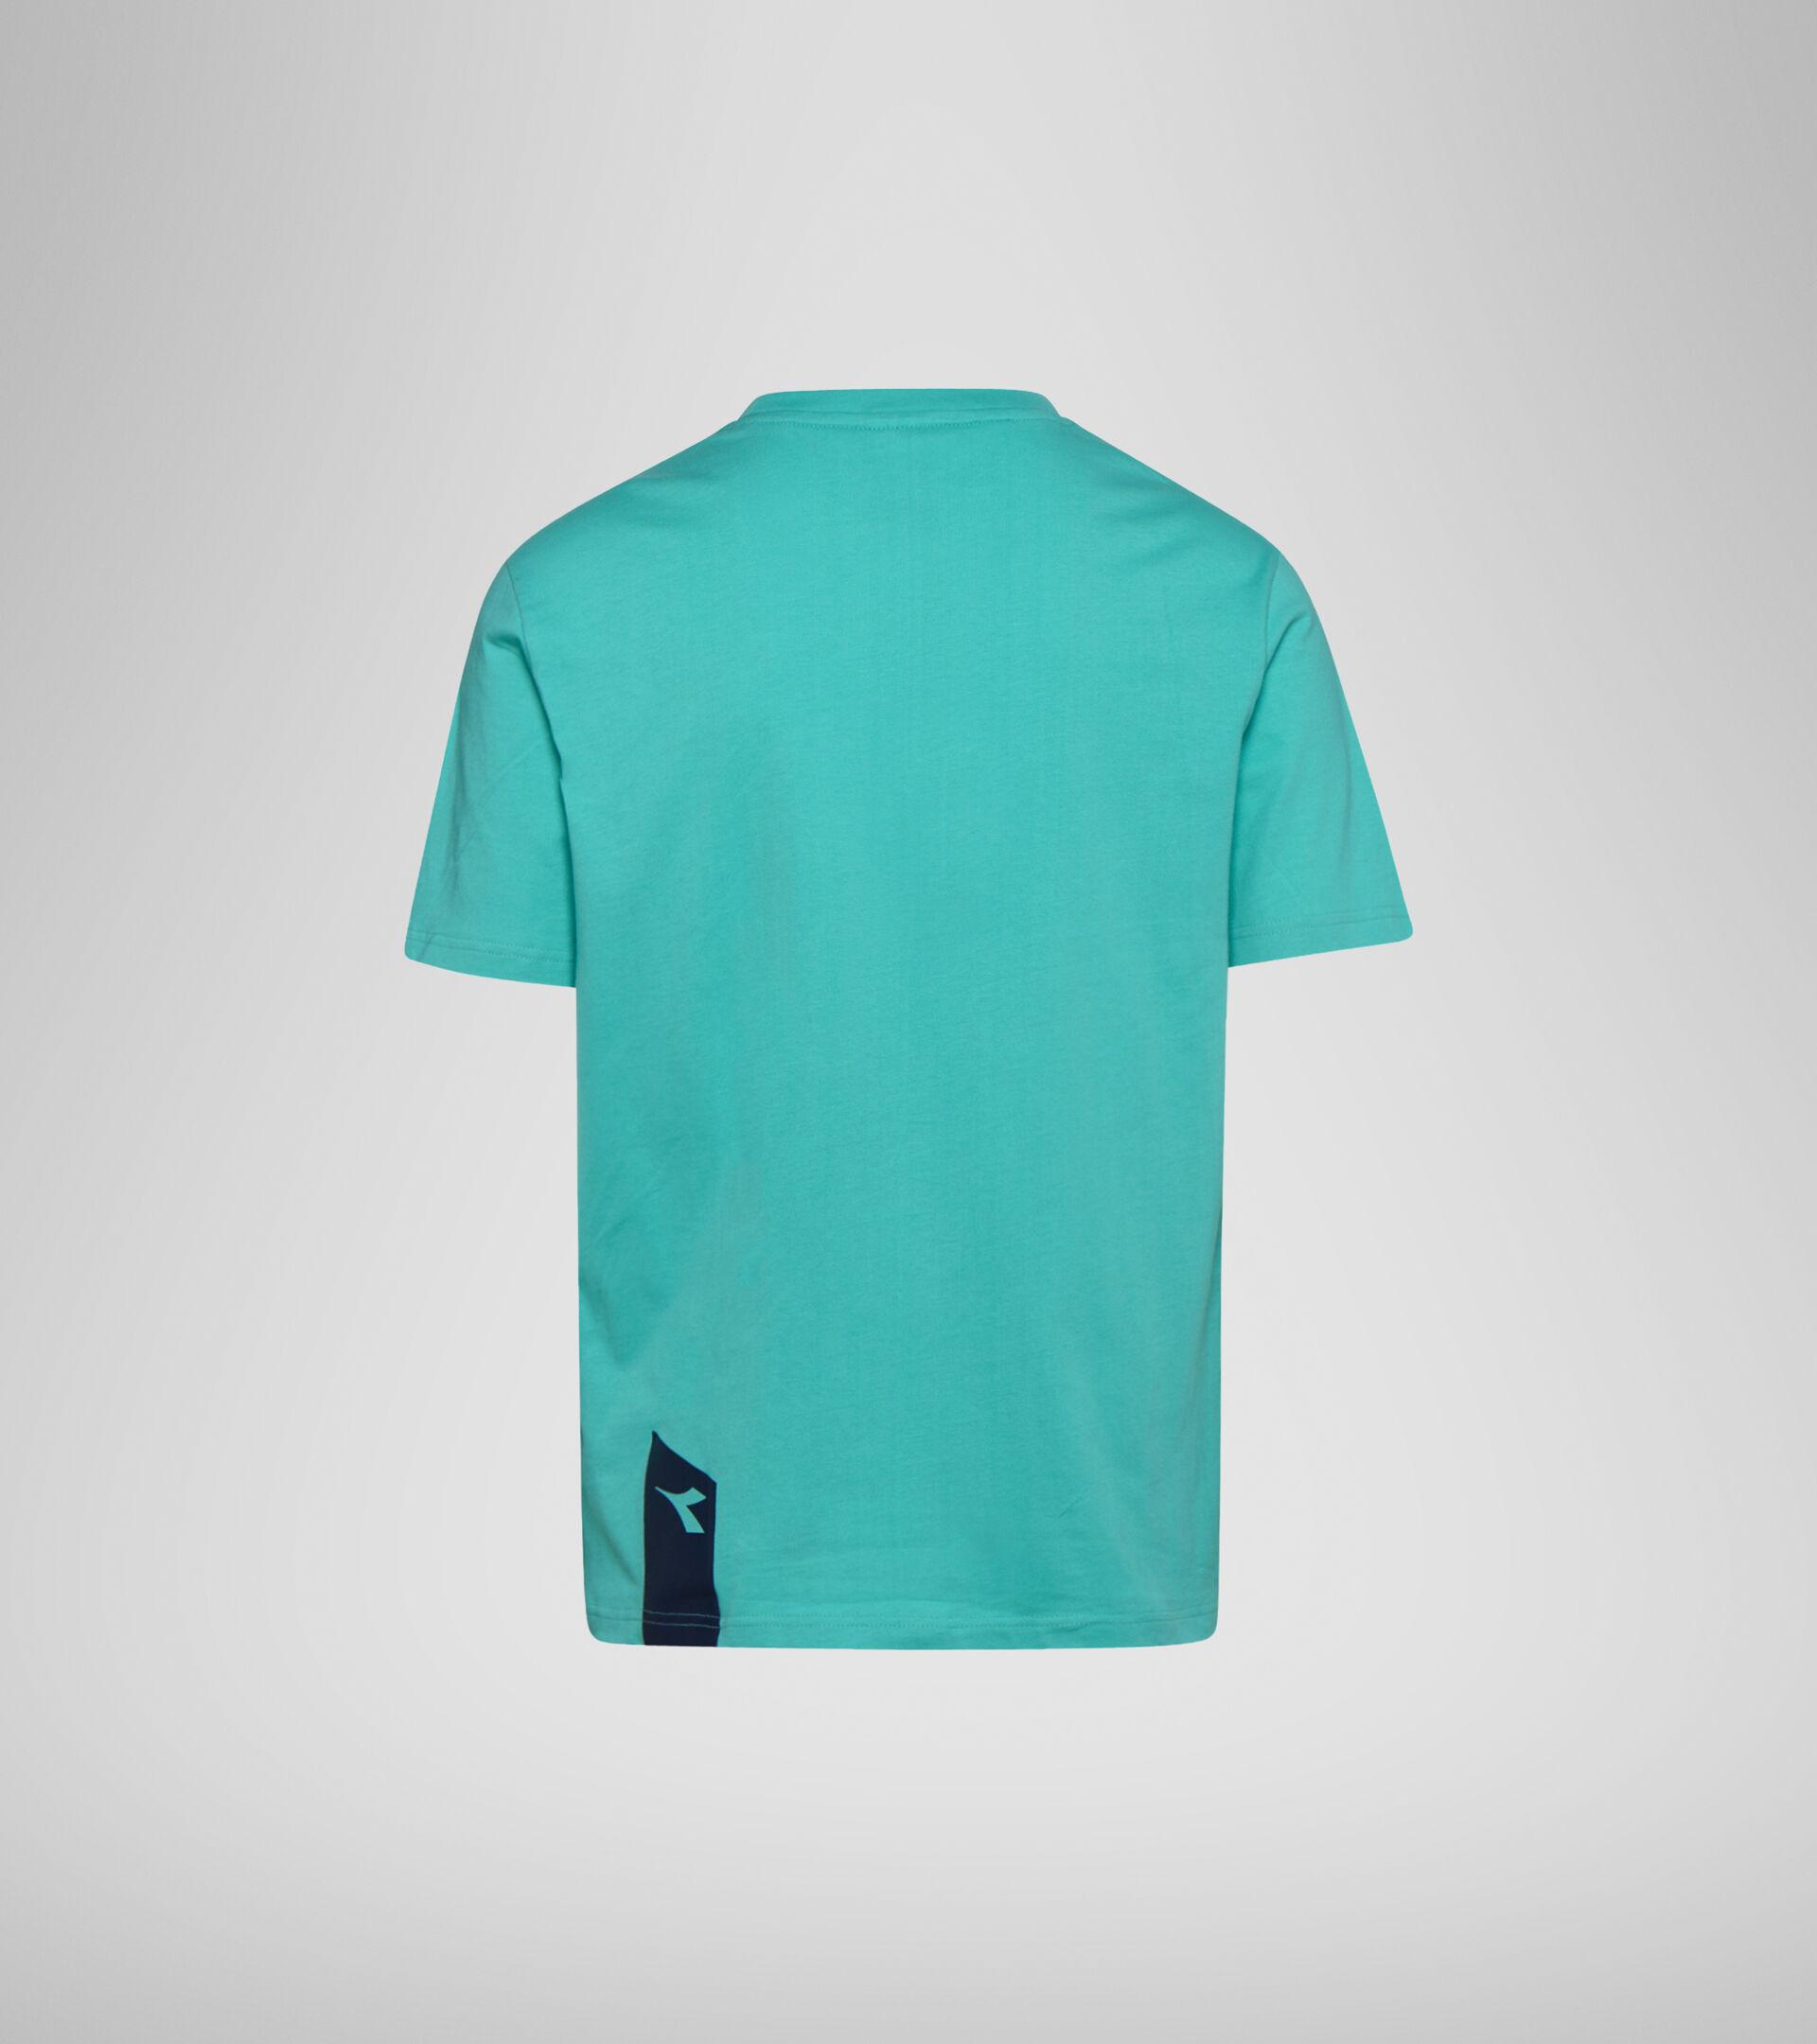 T-shirt - Unisex T-SHIRT SS ICON LLAVAS DE FLORIDA - Diadora